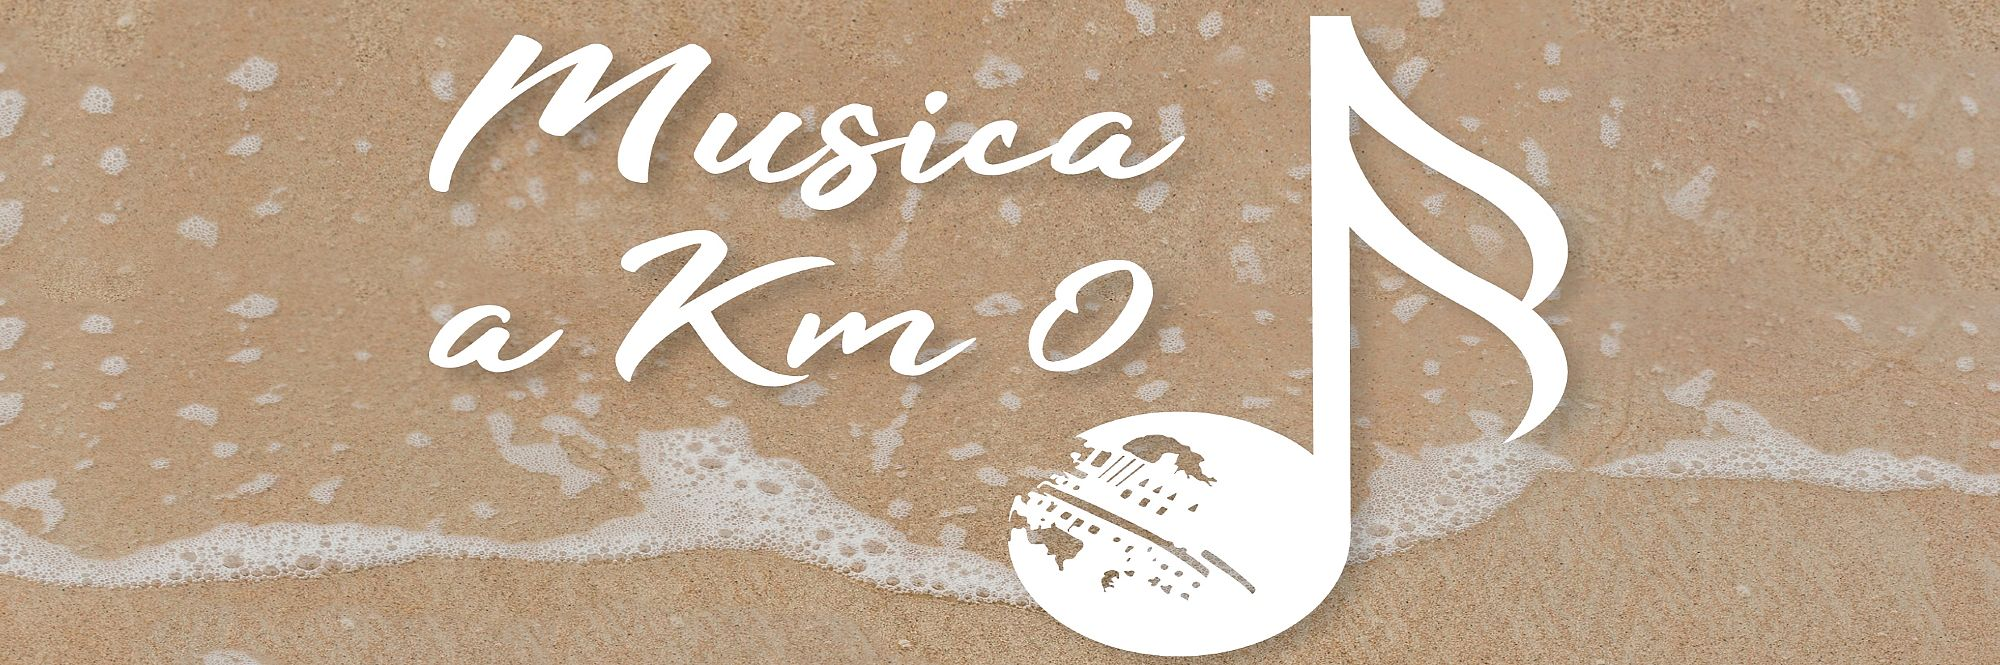 logo Musica a Km 0 con scritta bianca accanto ad una nota musicale con la Palla di Pomodoro stilizzata. Tutto su sfondo sabbia